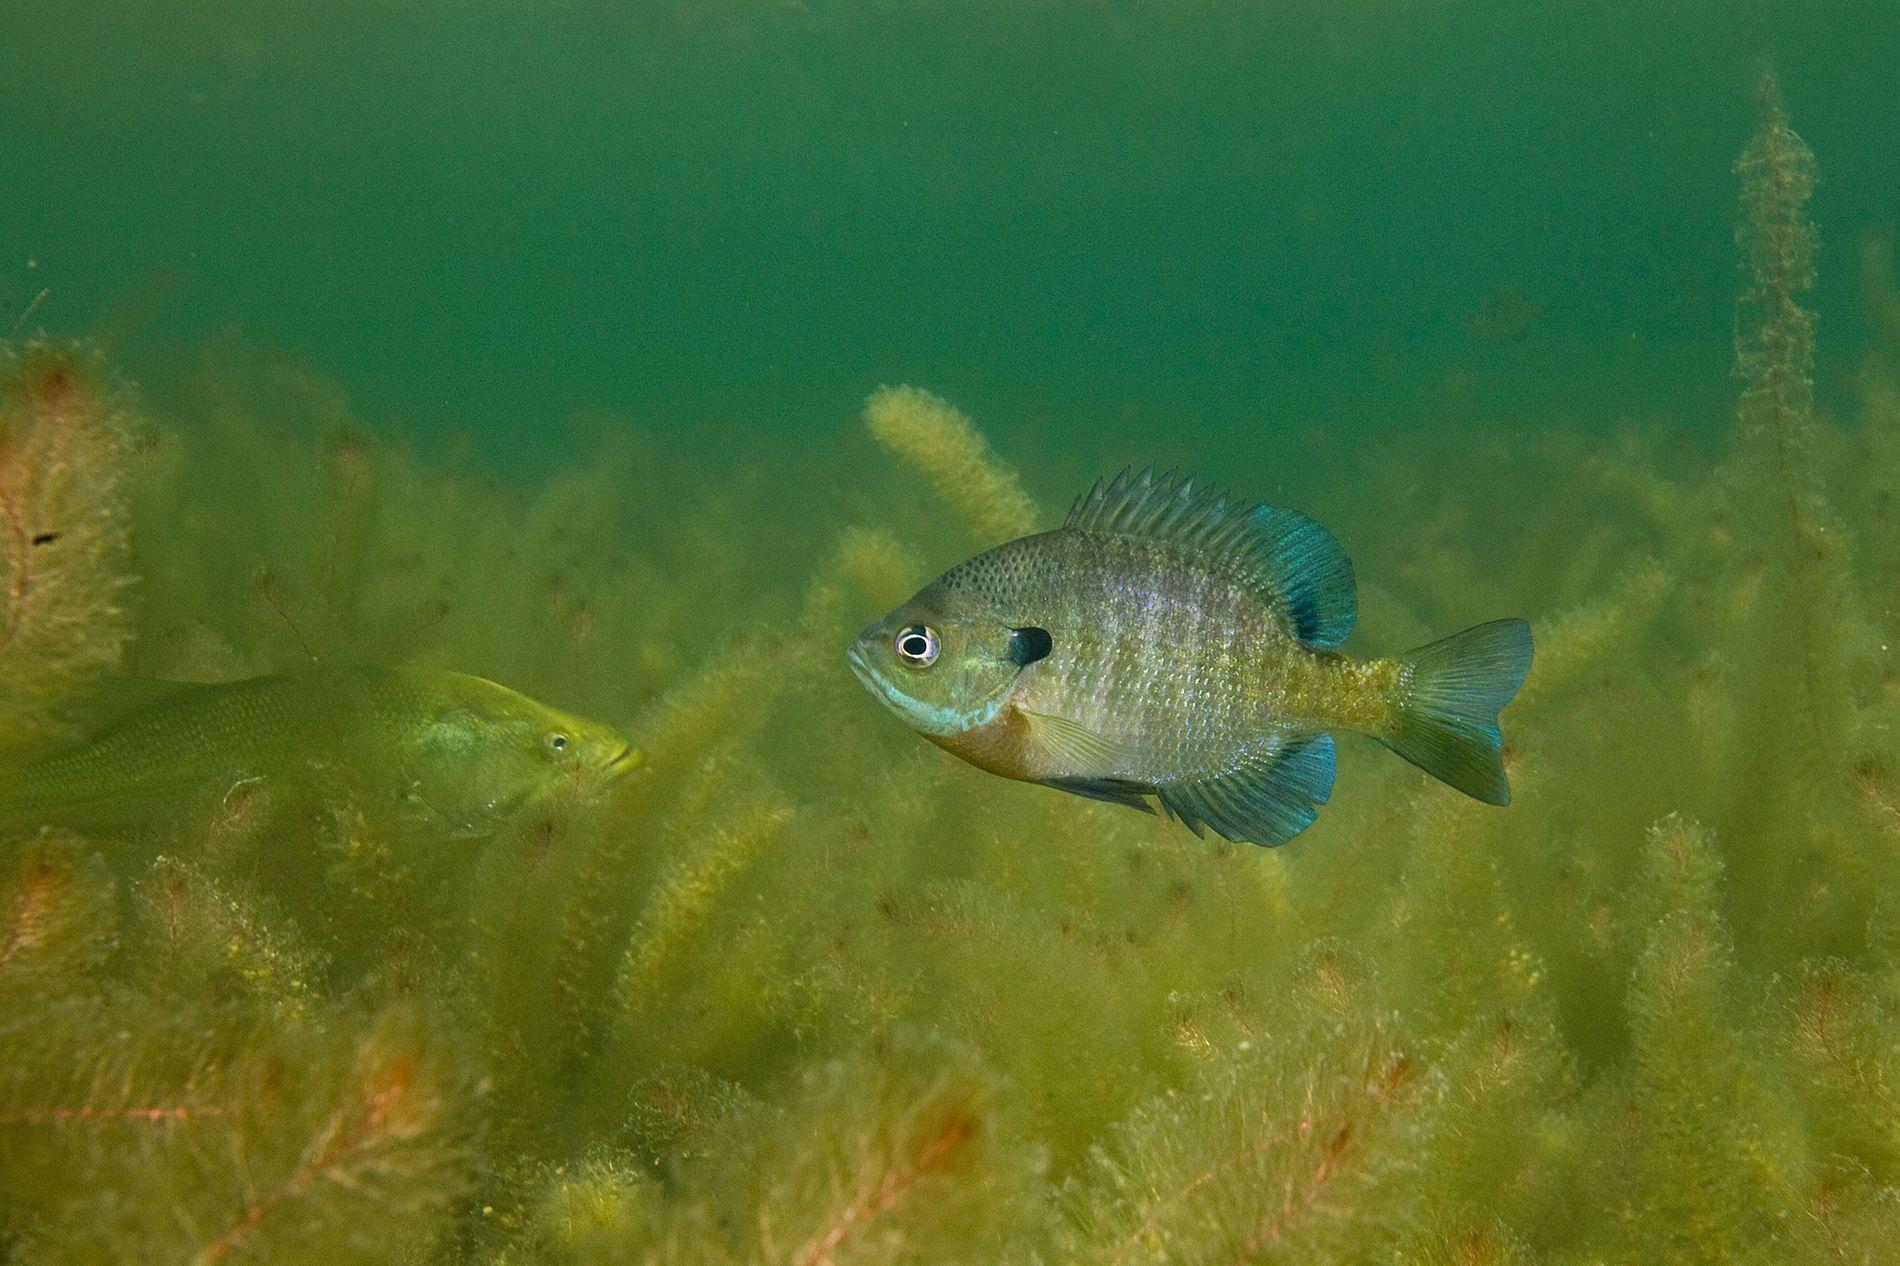 O bluegill, popular pelo seu gosto e por ser fácil de pegar, é mais propenso a morder a isca se for mais sociável.